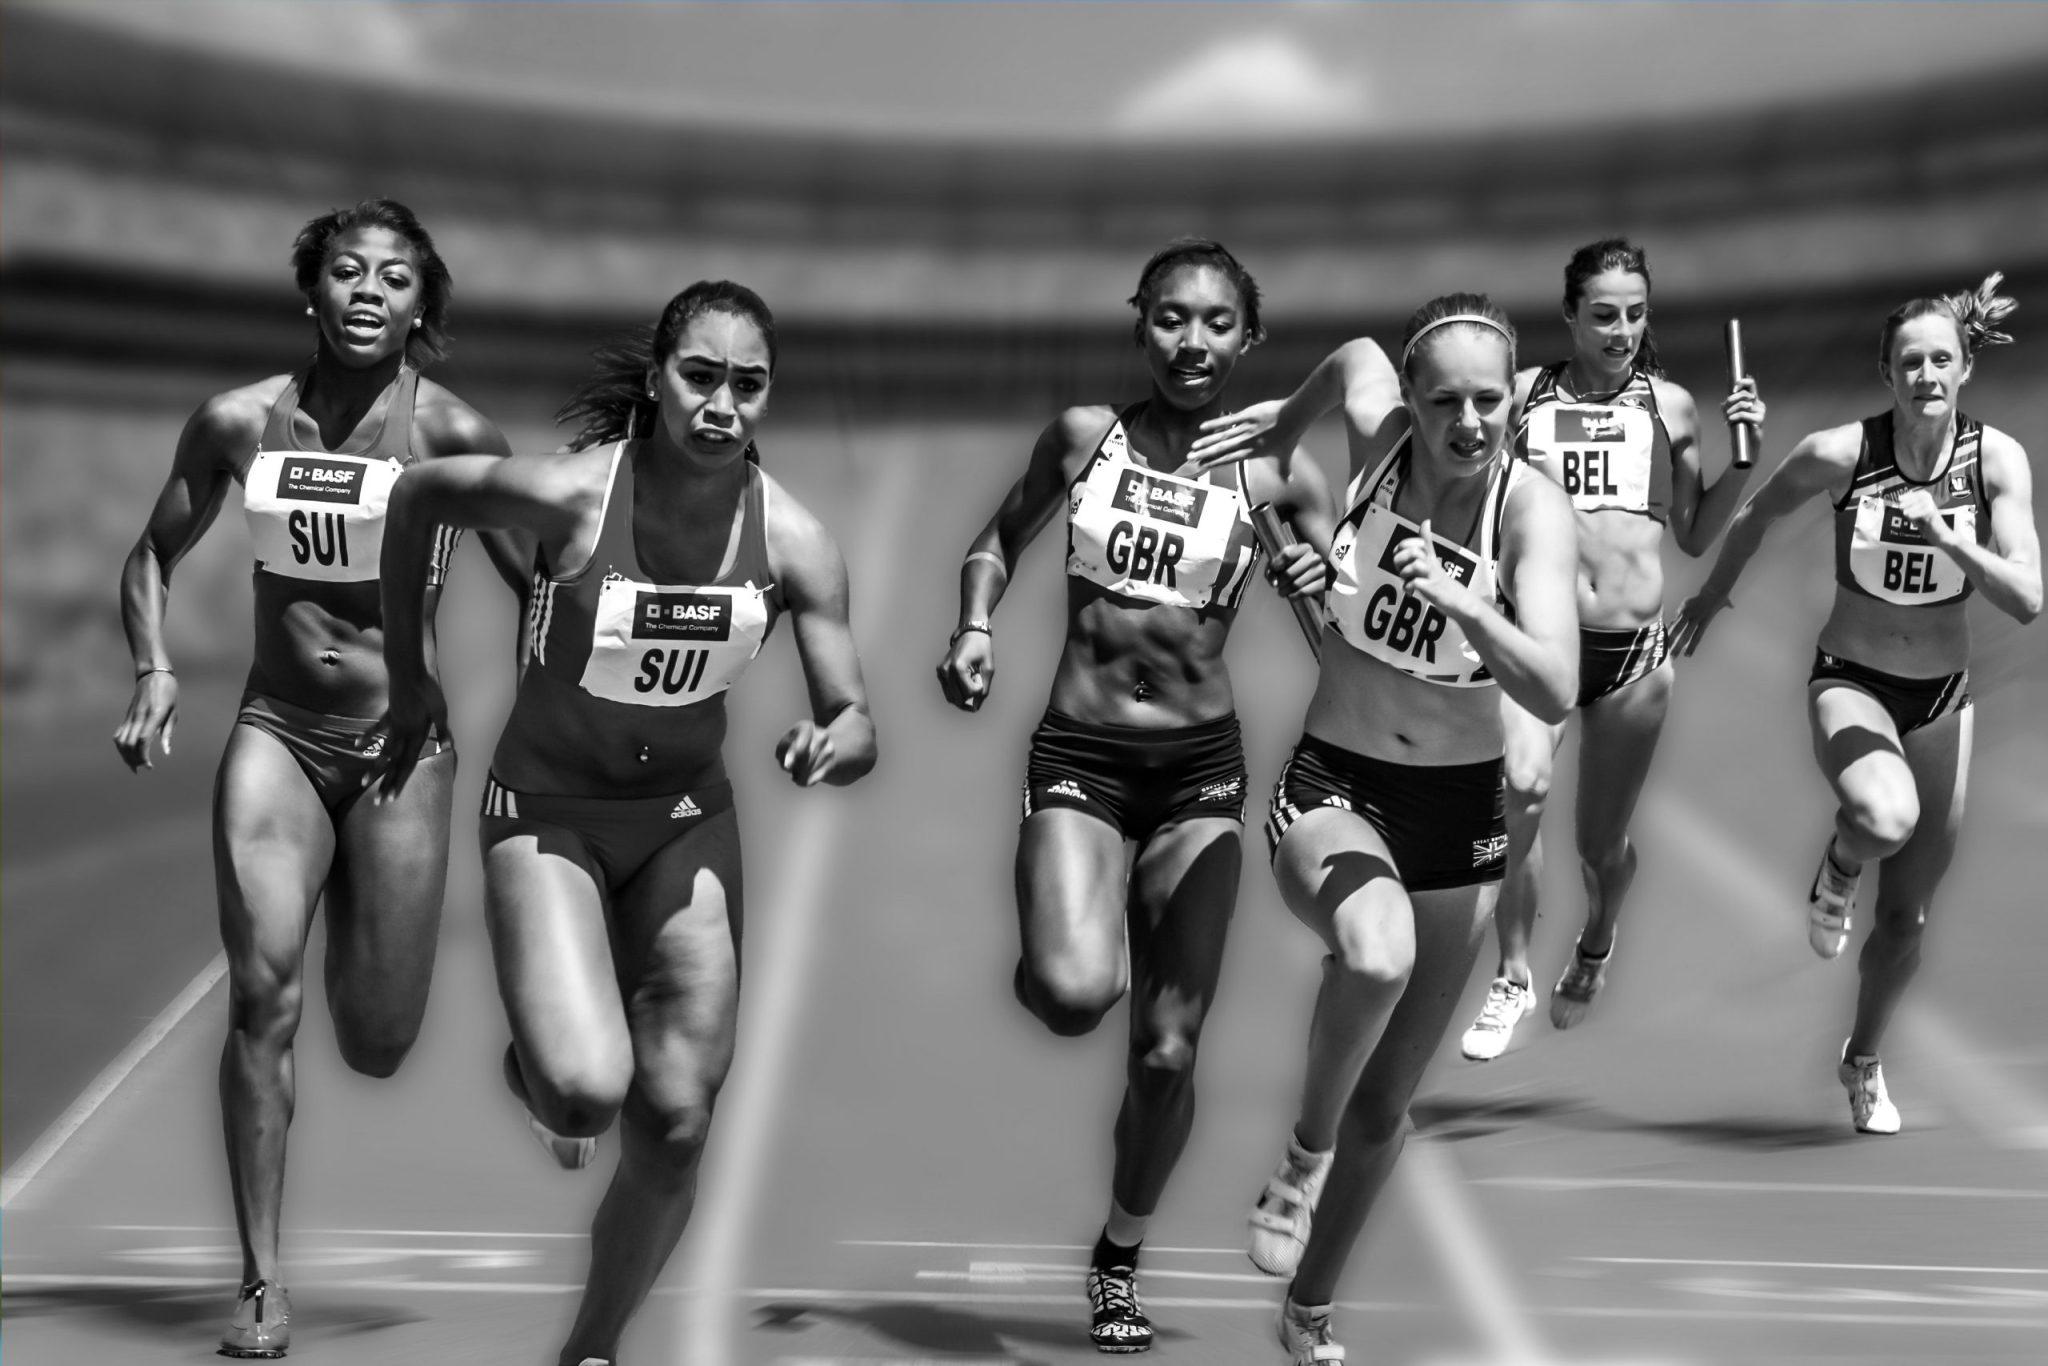 athletes-athletics-black-and-white-33703